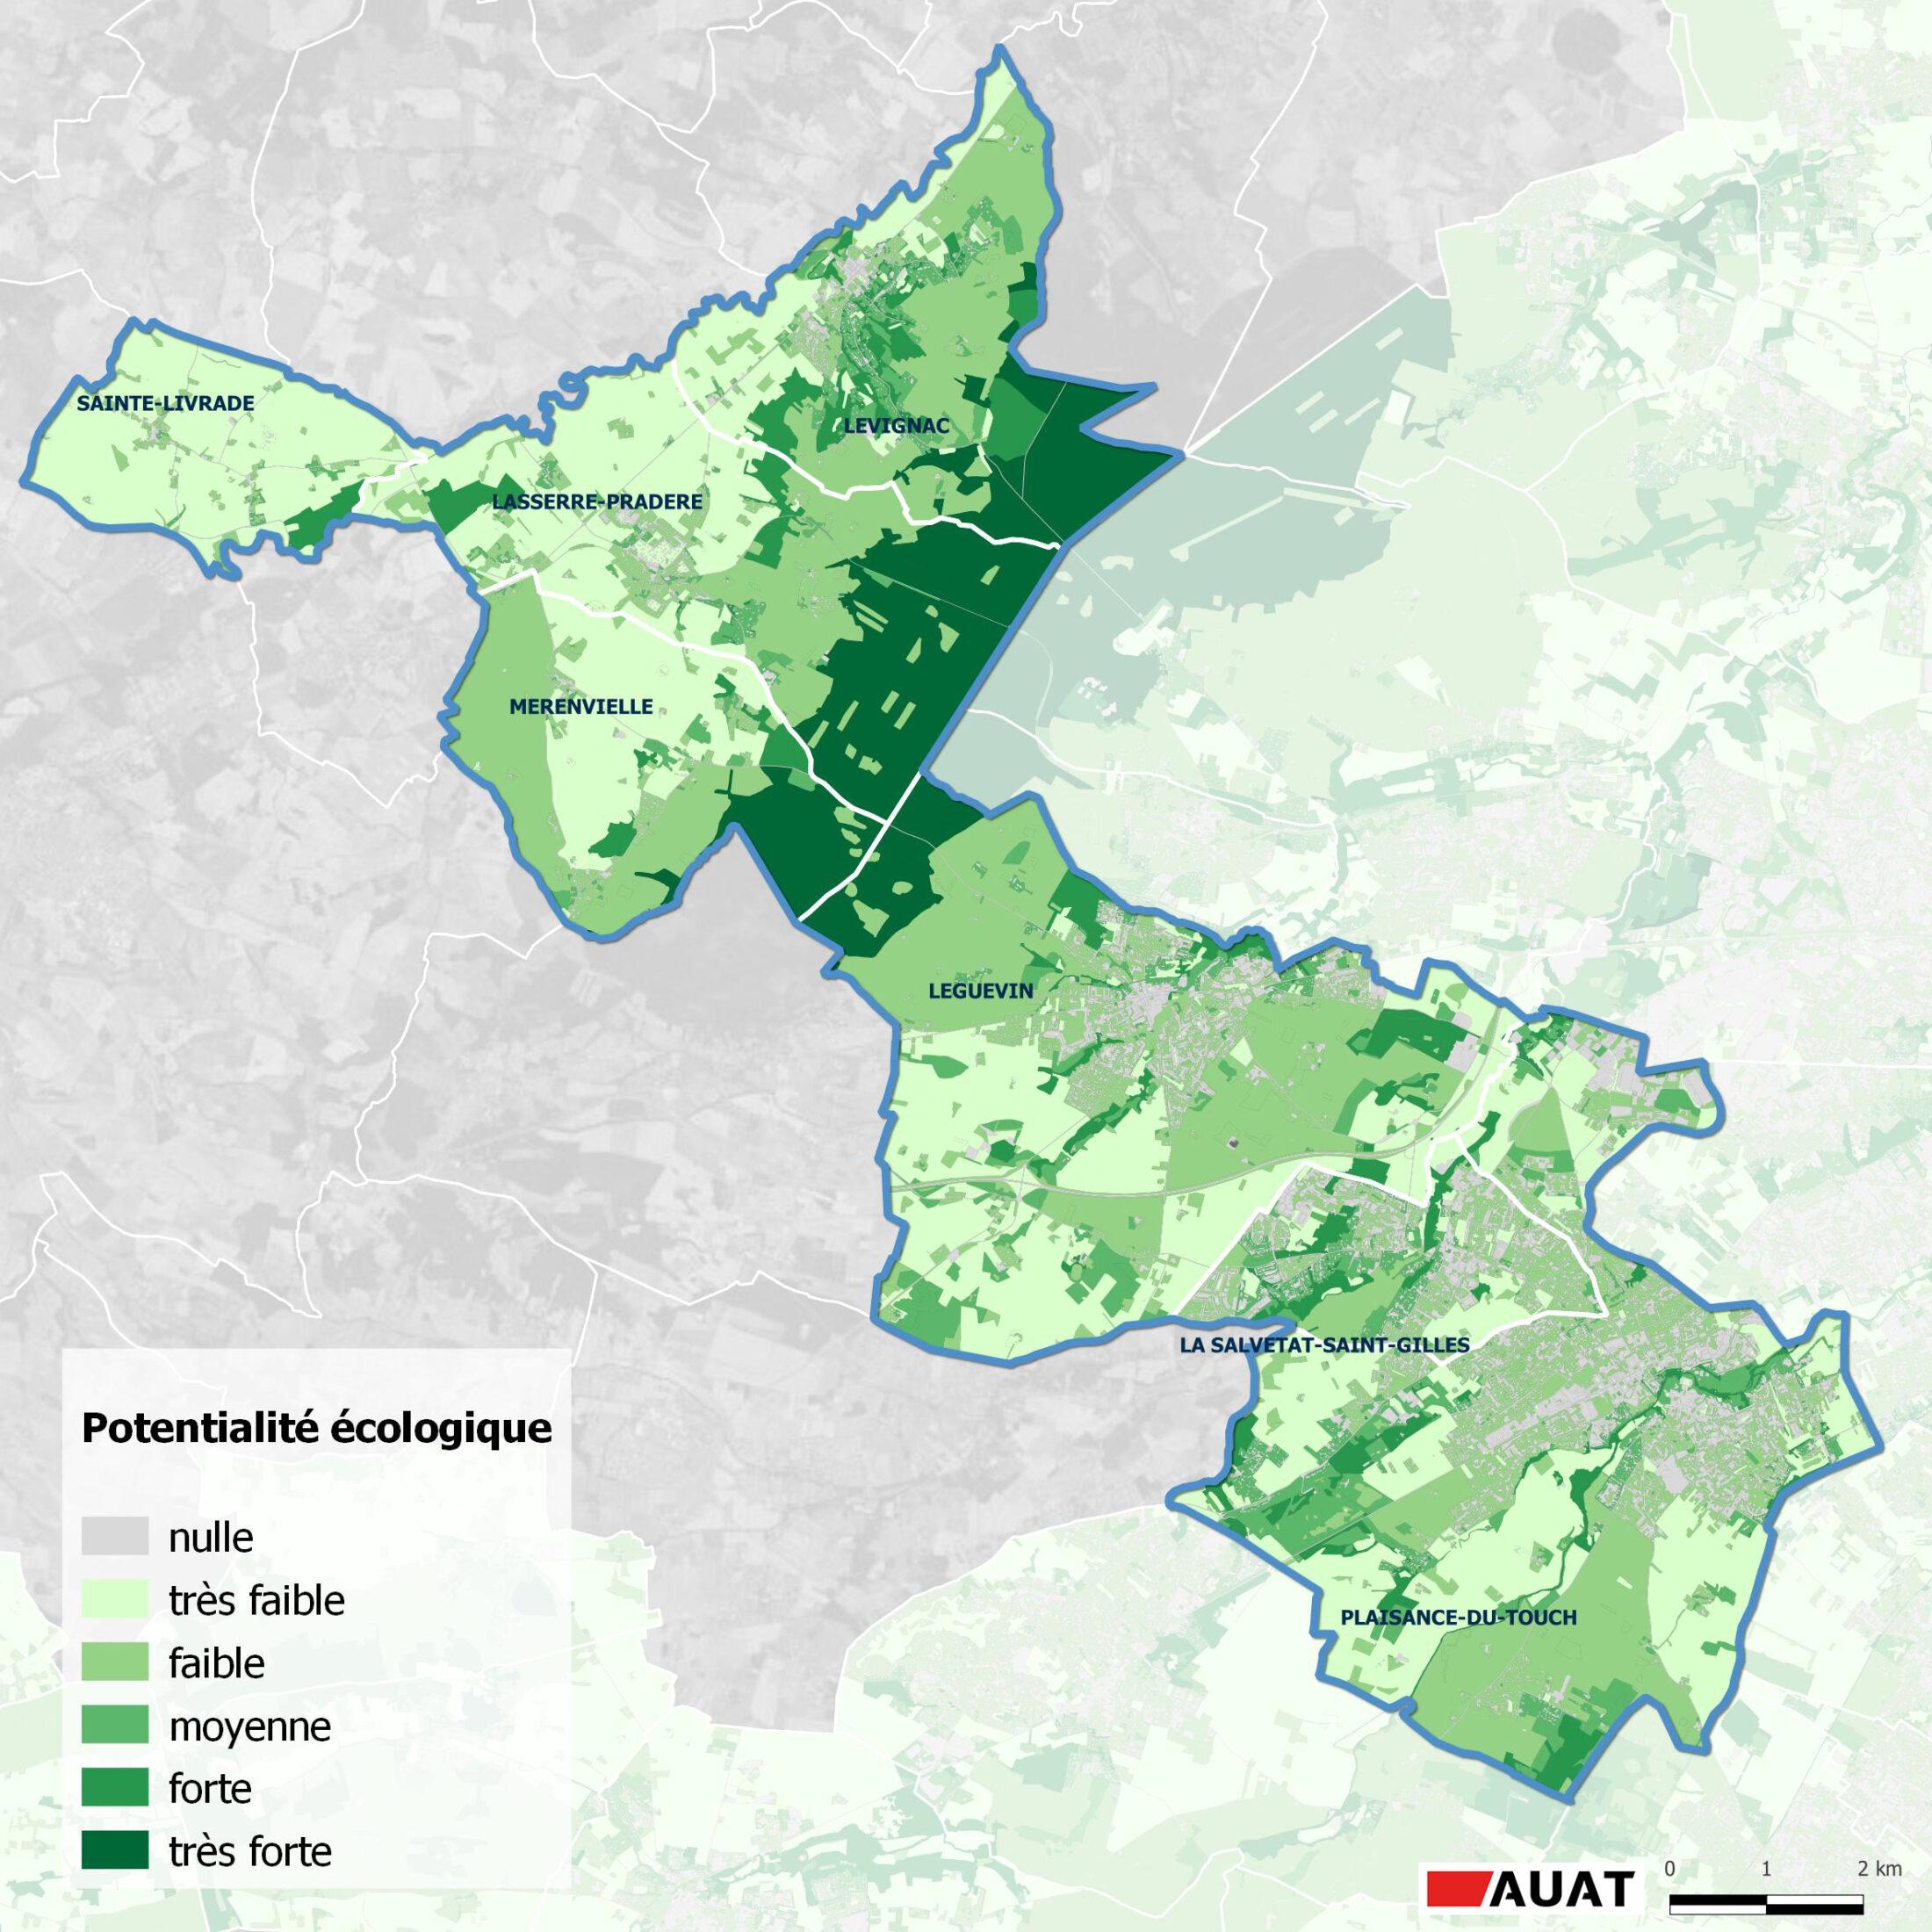 Carte des potentialités écologiques de La Save-au-Touch